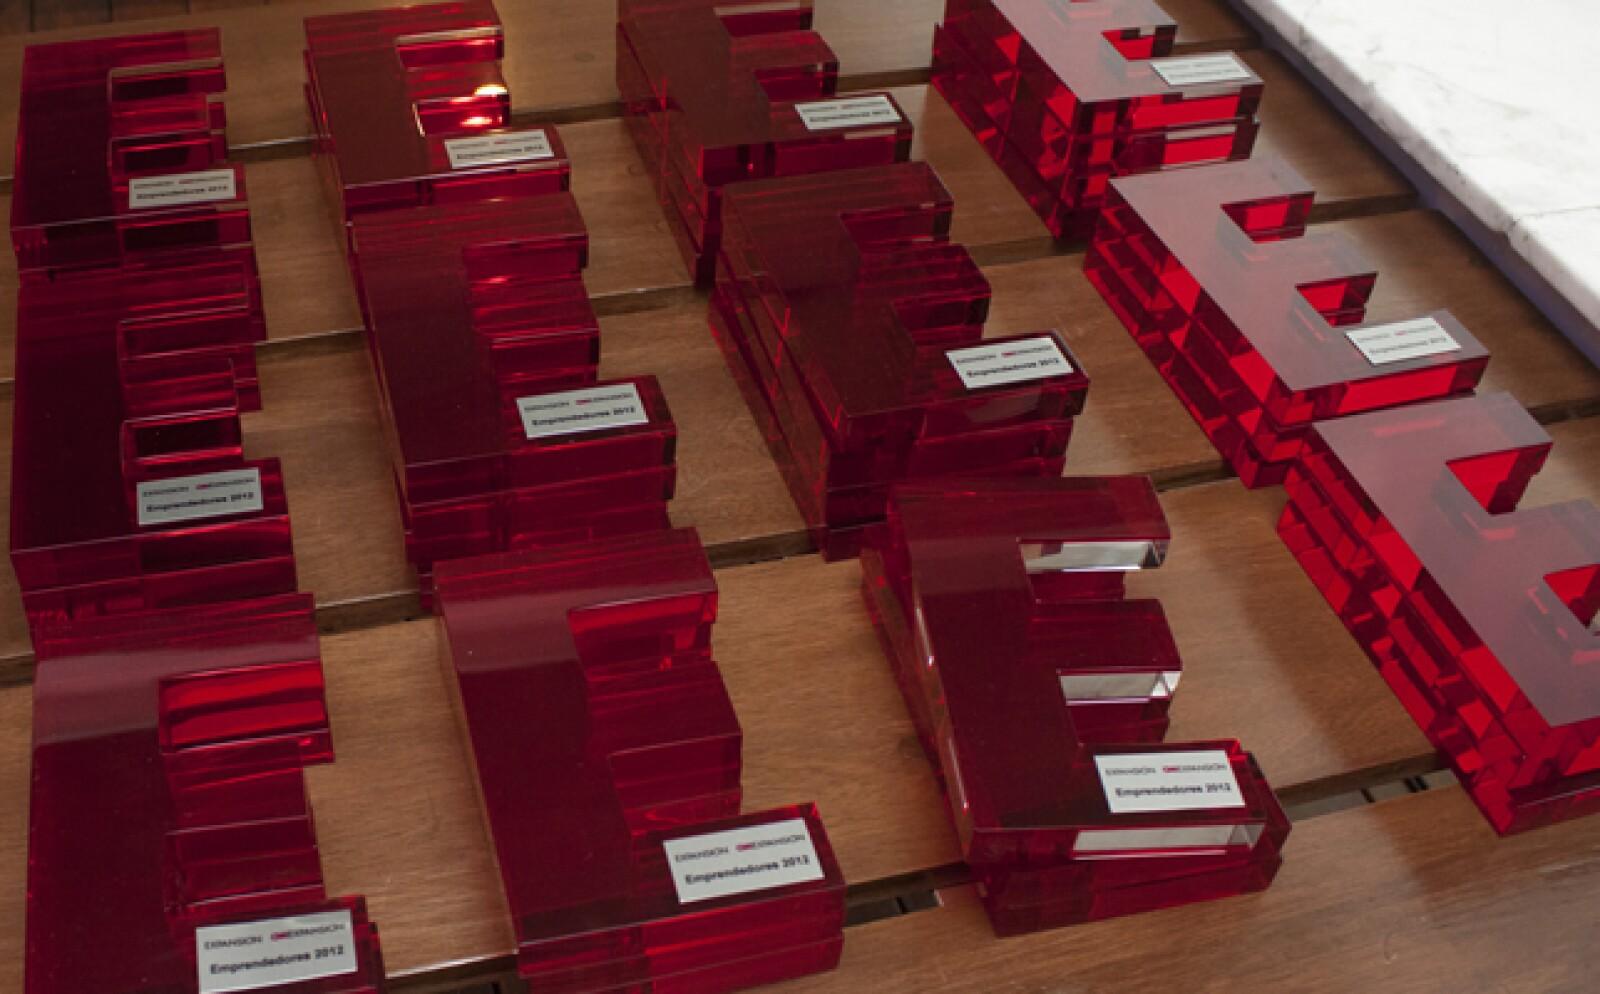 Luego de cinco meses de preparación y mentorías finalmente se dio a conocer el pasado 17 de julio a los ganadores de Emprendedores 2012.